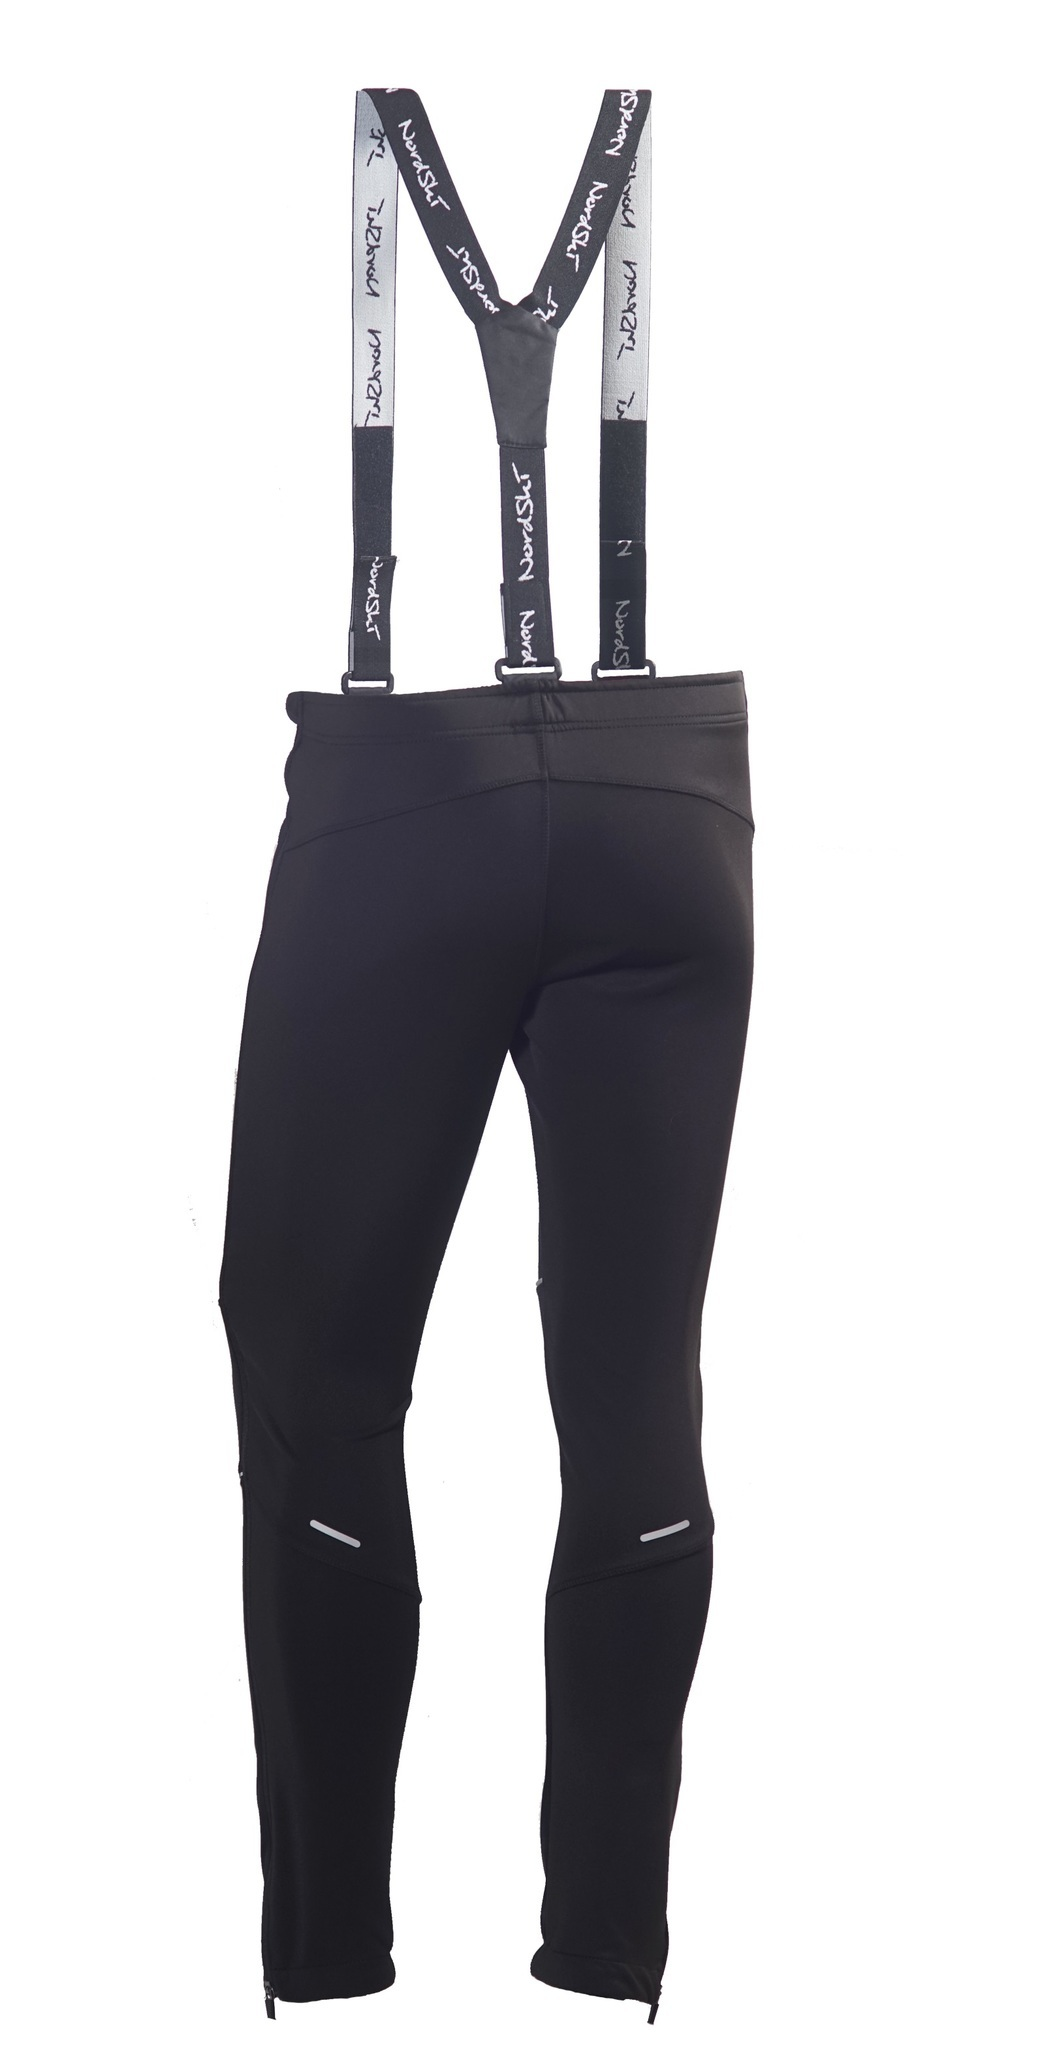 Детские разминочные лыжные штаны-самосбросы Nordski Premium (NSM305100) черные фото